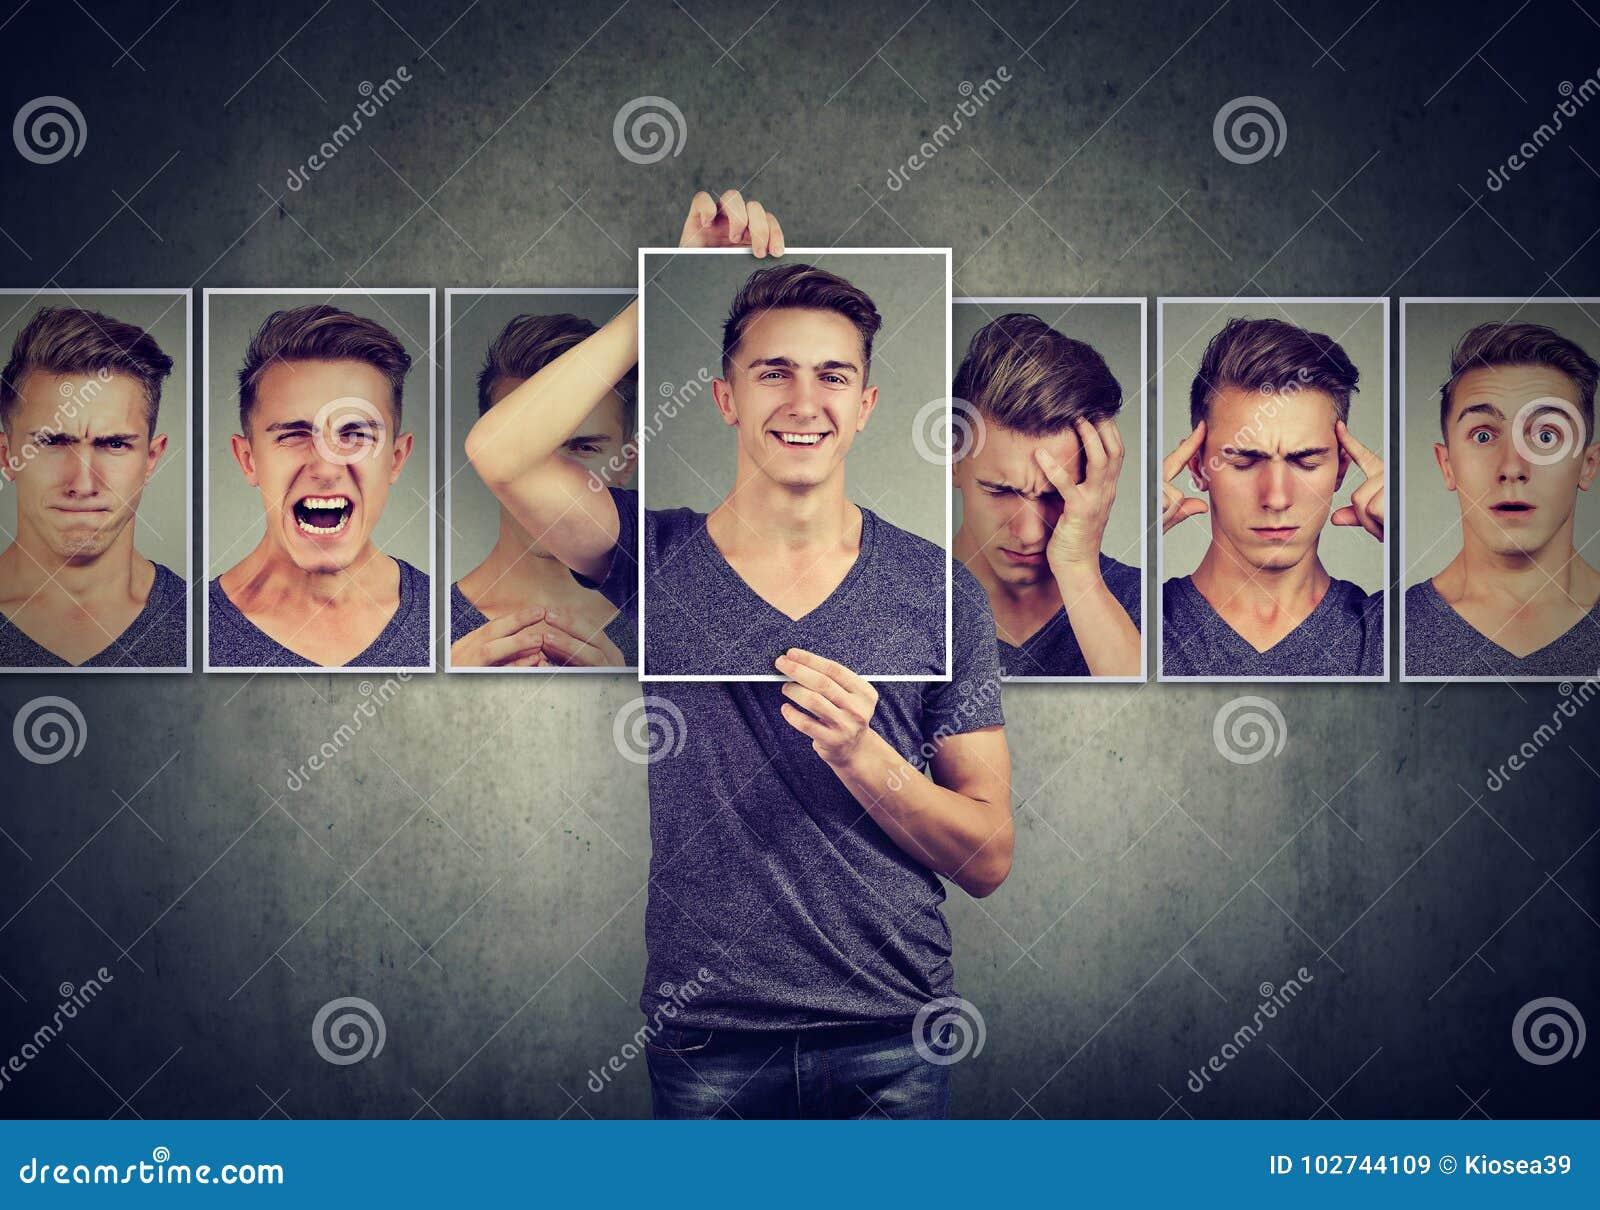 Homme masqué exprimant différentes émotions